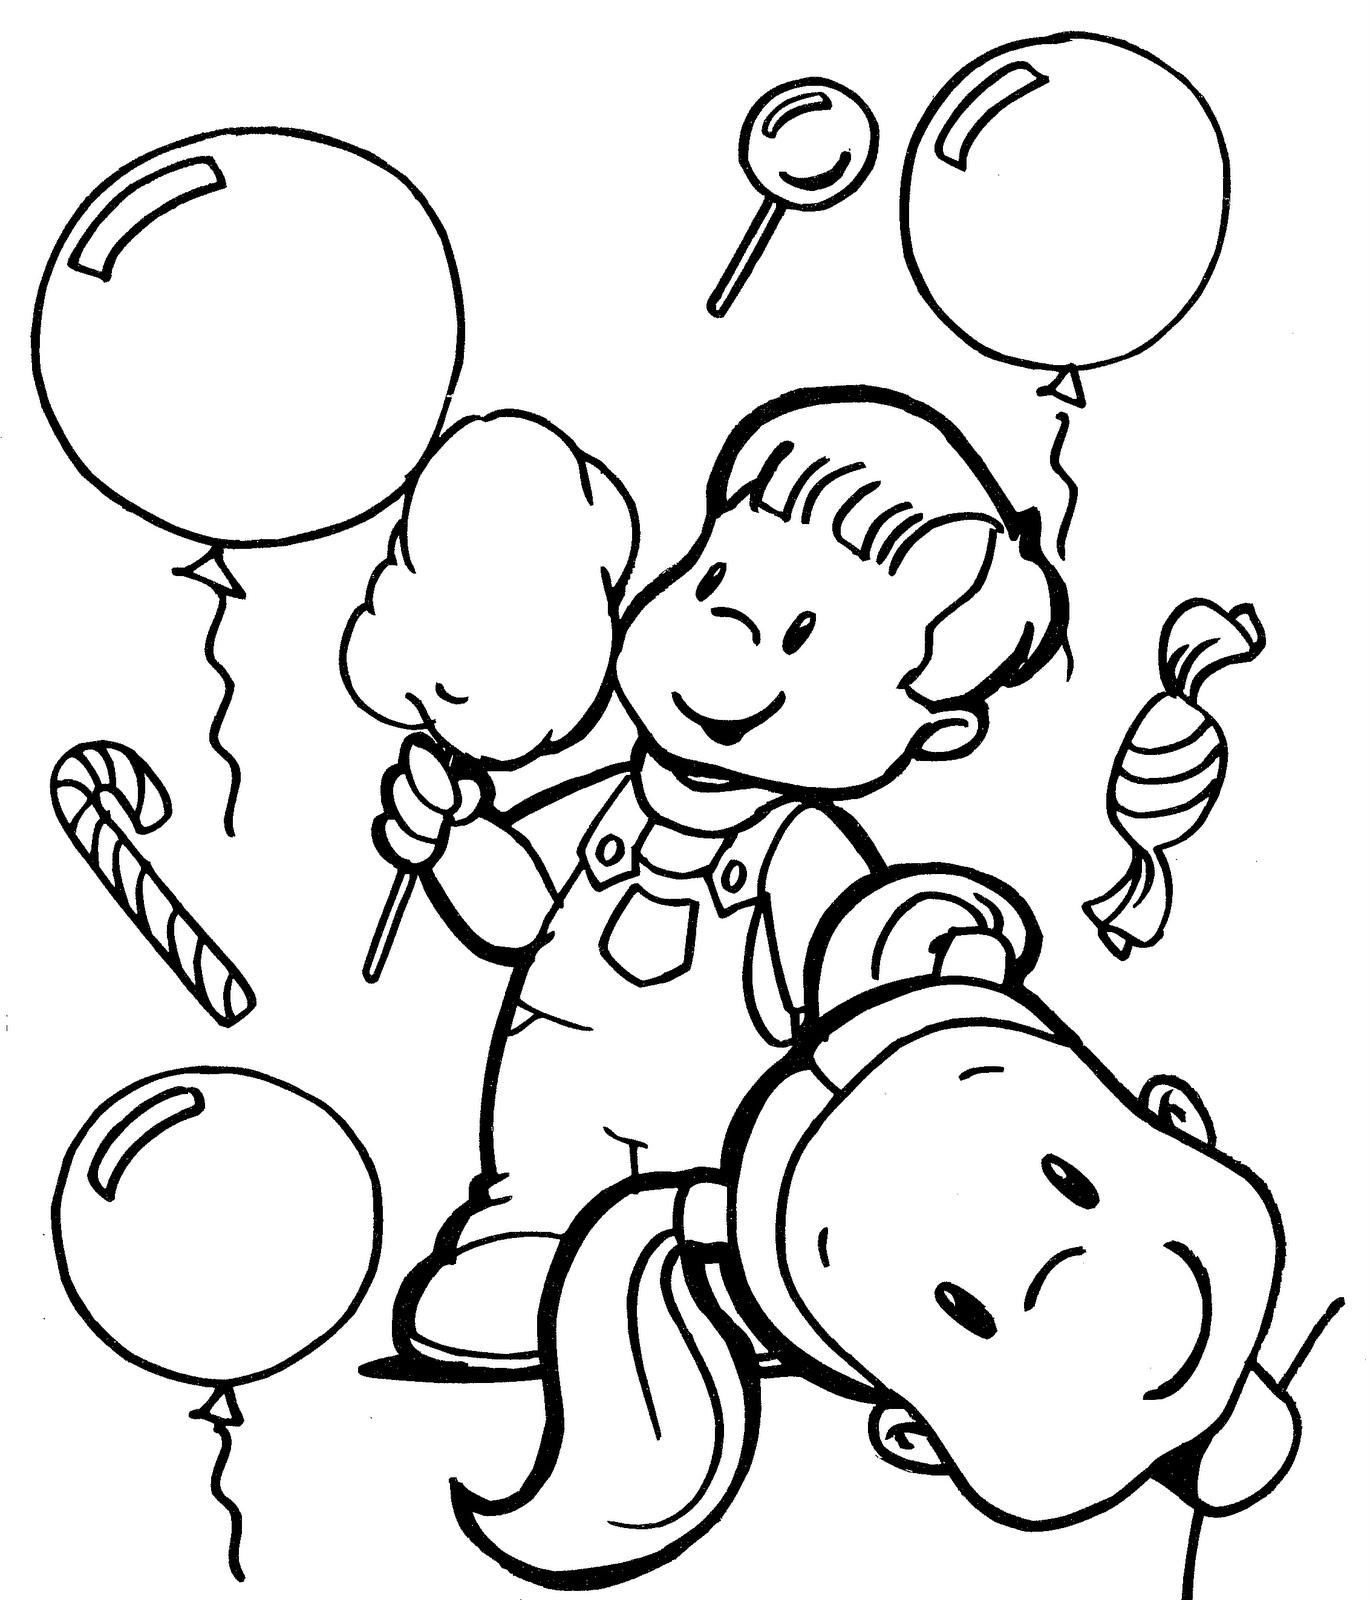 ... en blanco y negro, material didáctico para niños, dibujos para